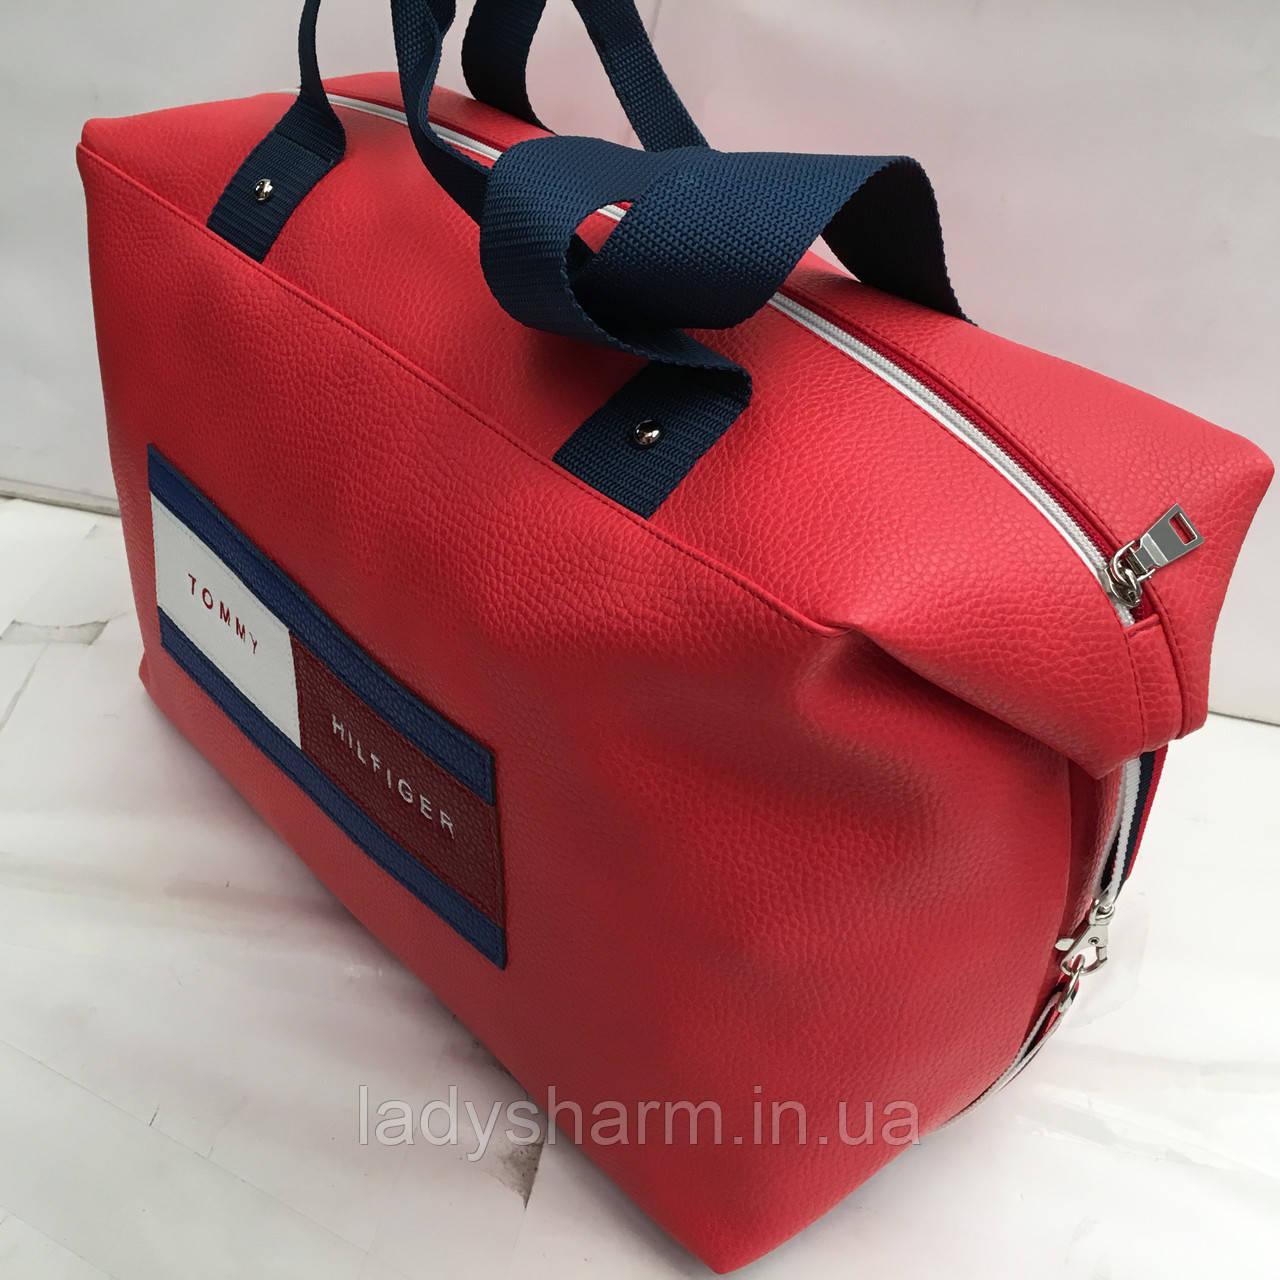 fe0111bdbddc Женская модная сумка Tommy Hilfiger оптом и в розницу (реплика ...